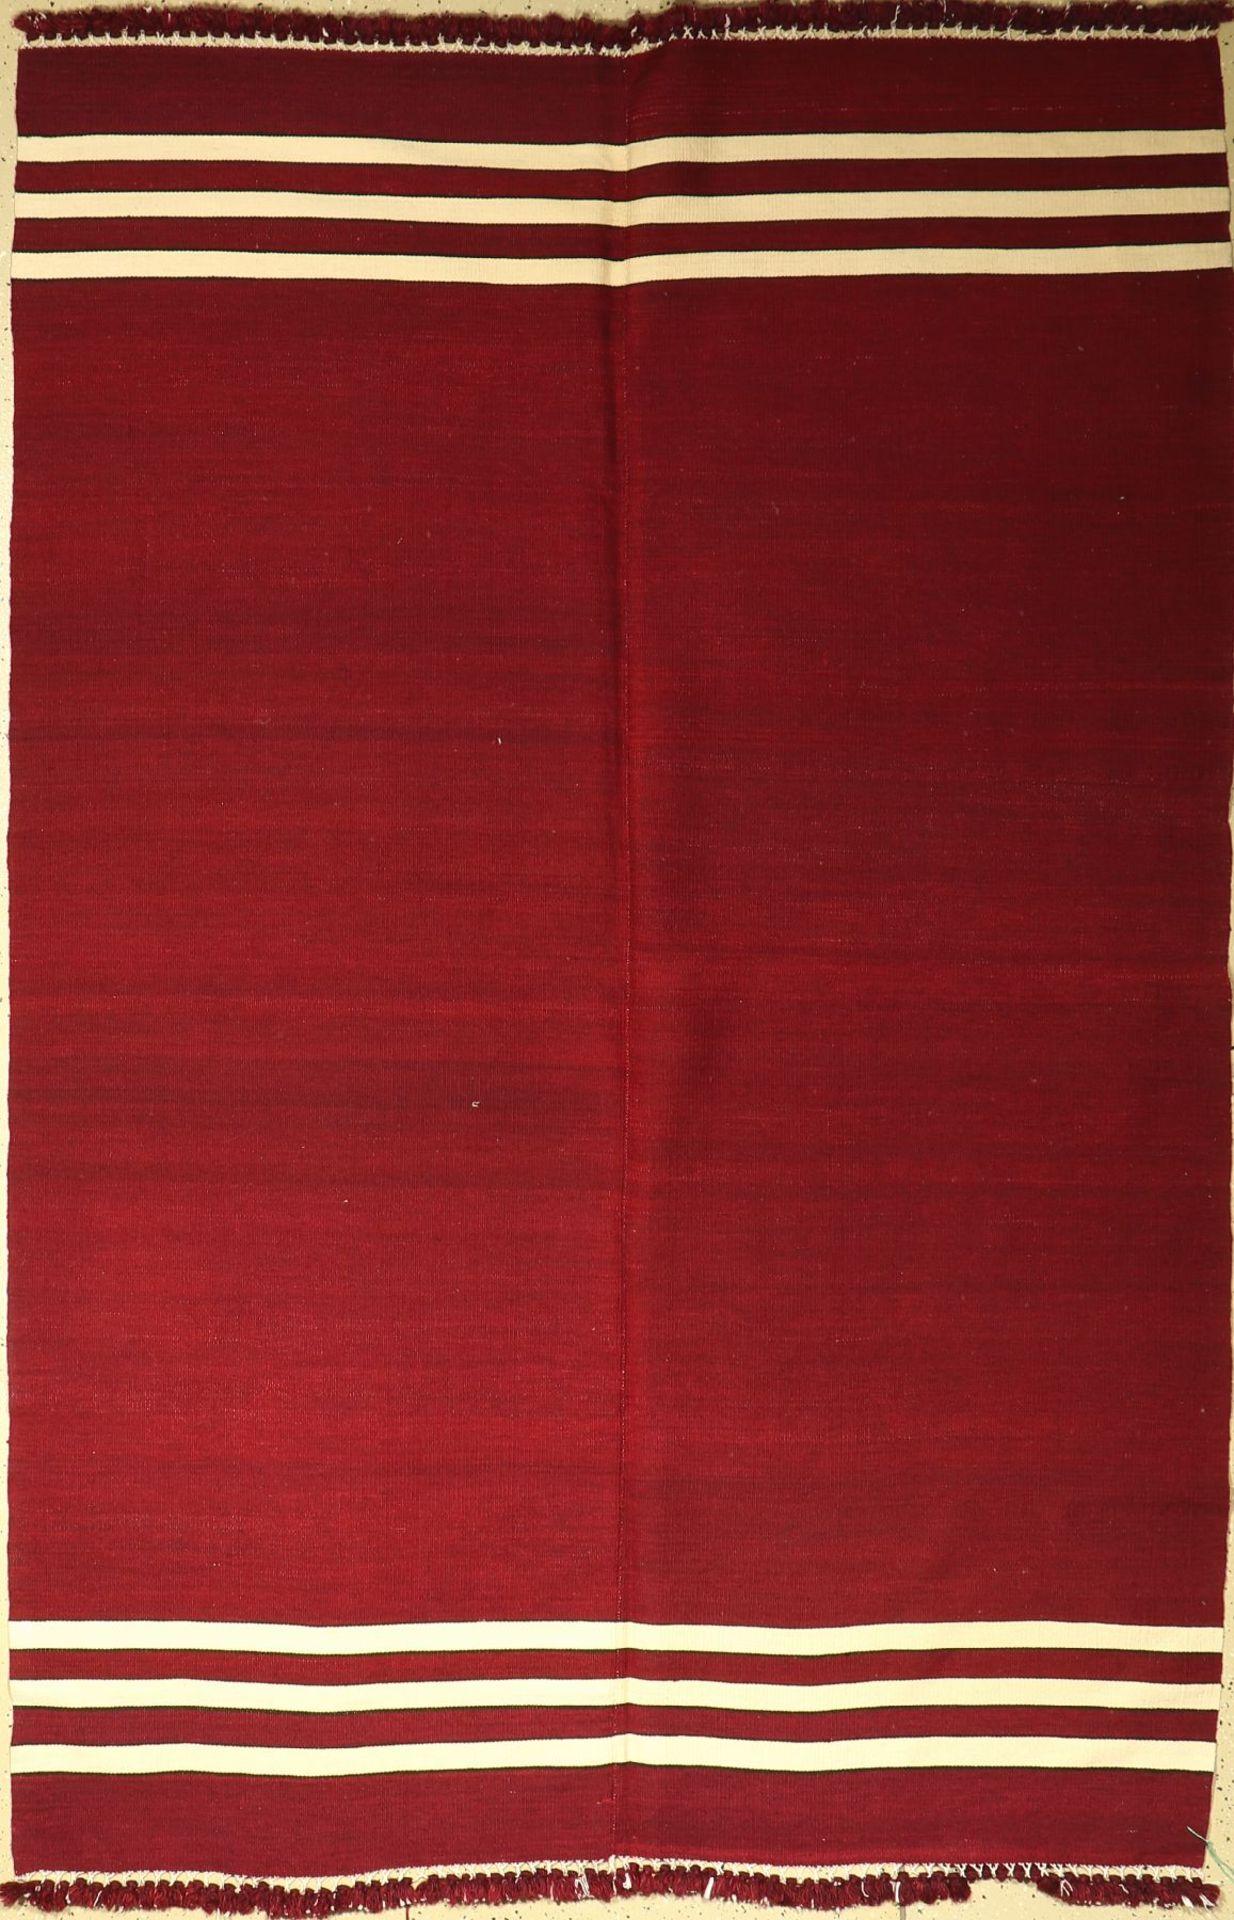 Anatolischer Kelim alt, Türkei, um 1960, Wolle auf Wolle, ca. 240 x 163 cm, dekorativ, EHZ: 2